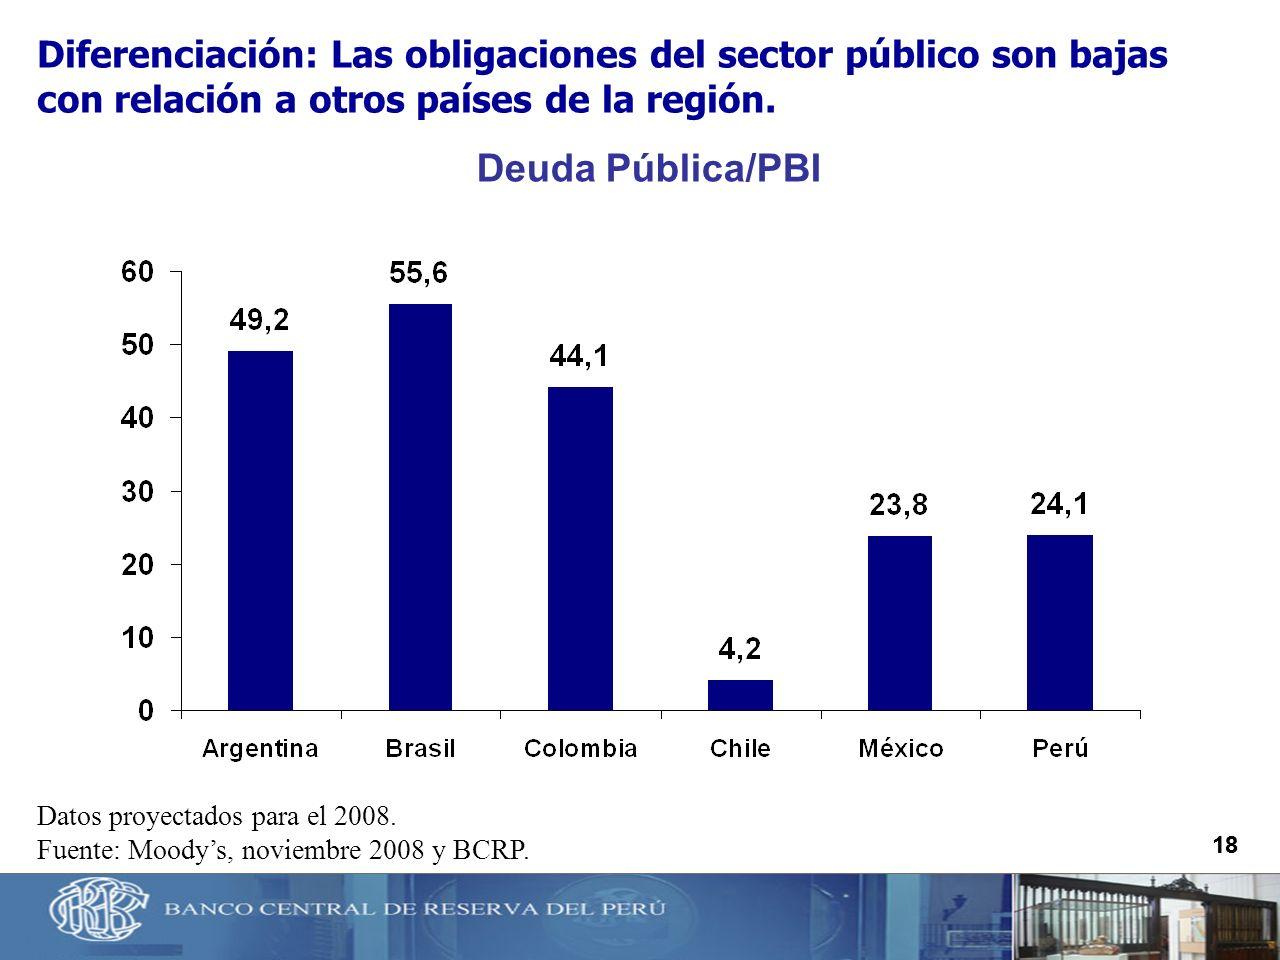 Diferenciación: Las obligaciones del sector público son bajas con relación a otros países de la región.